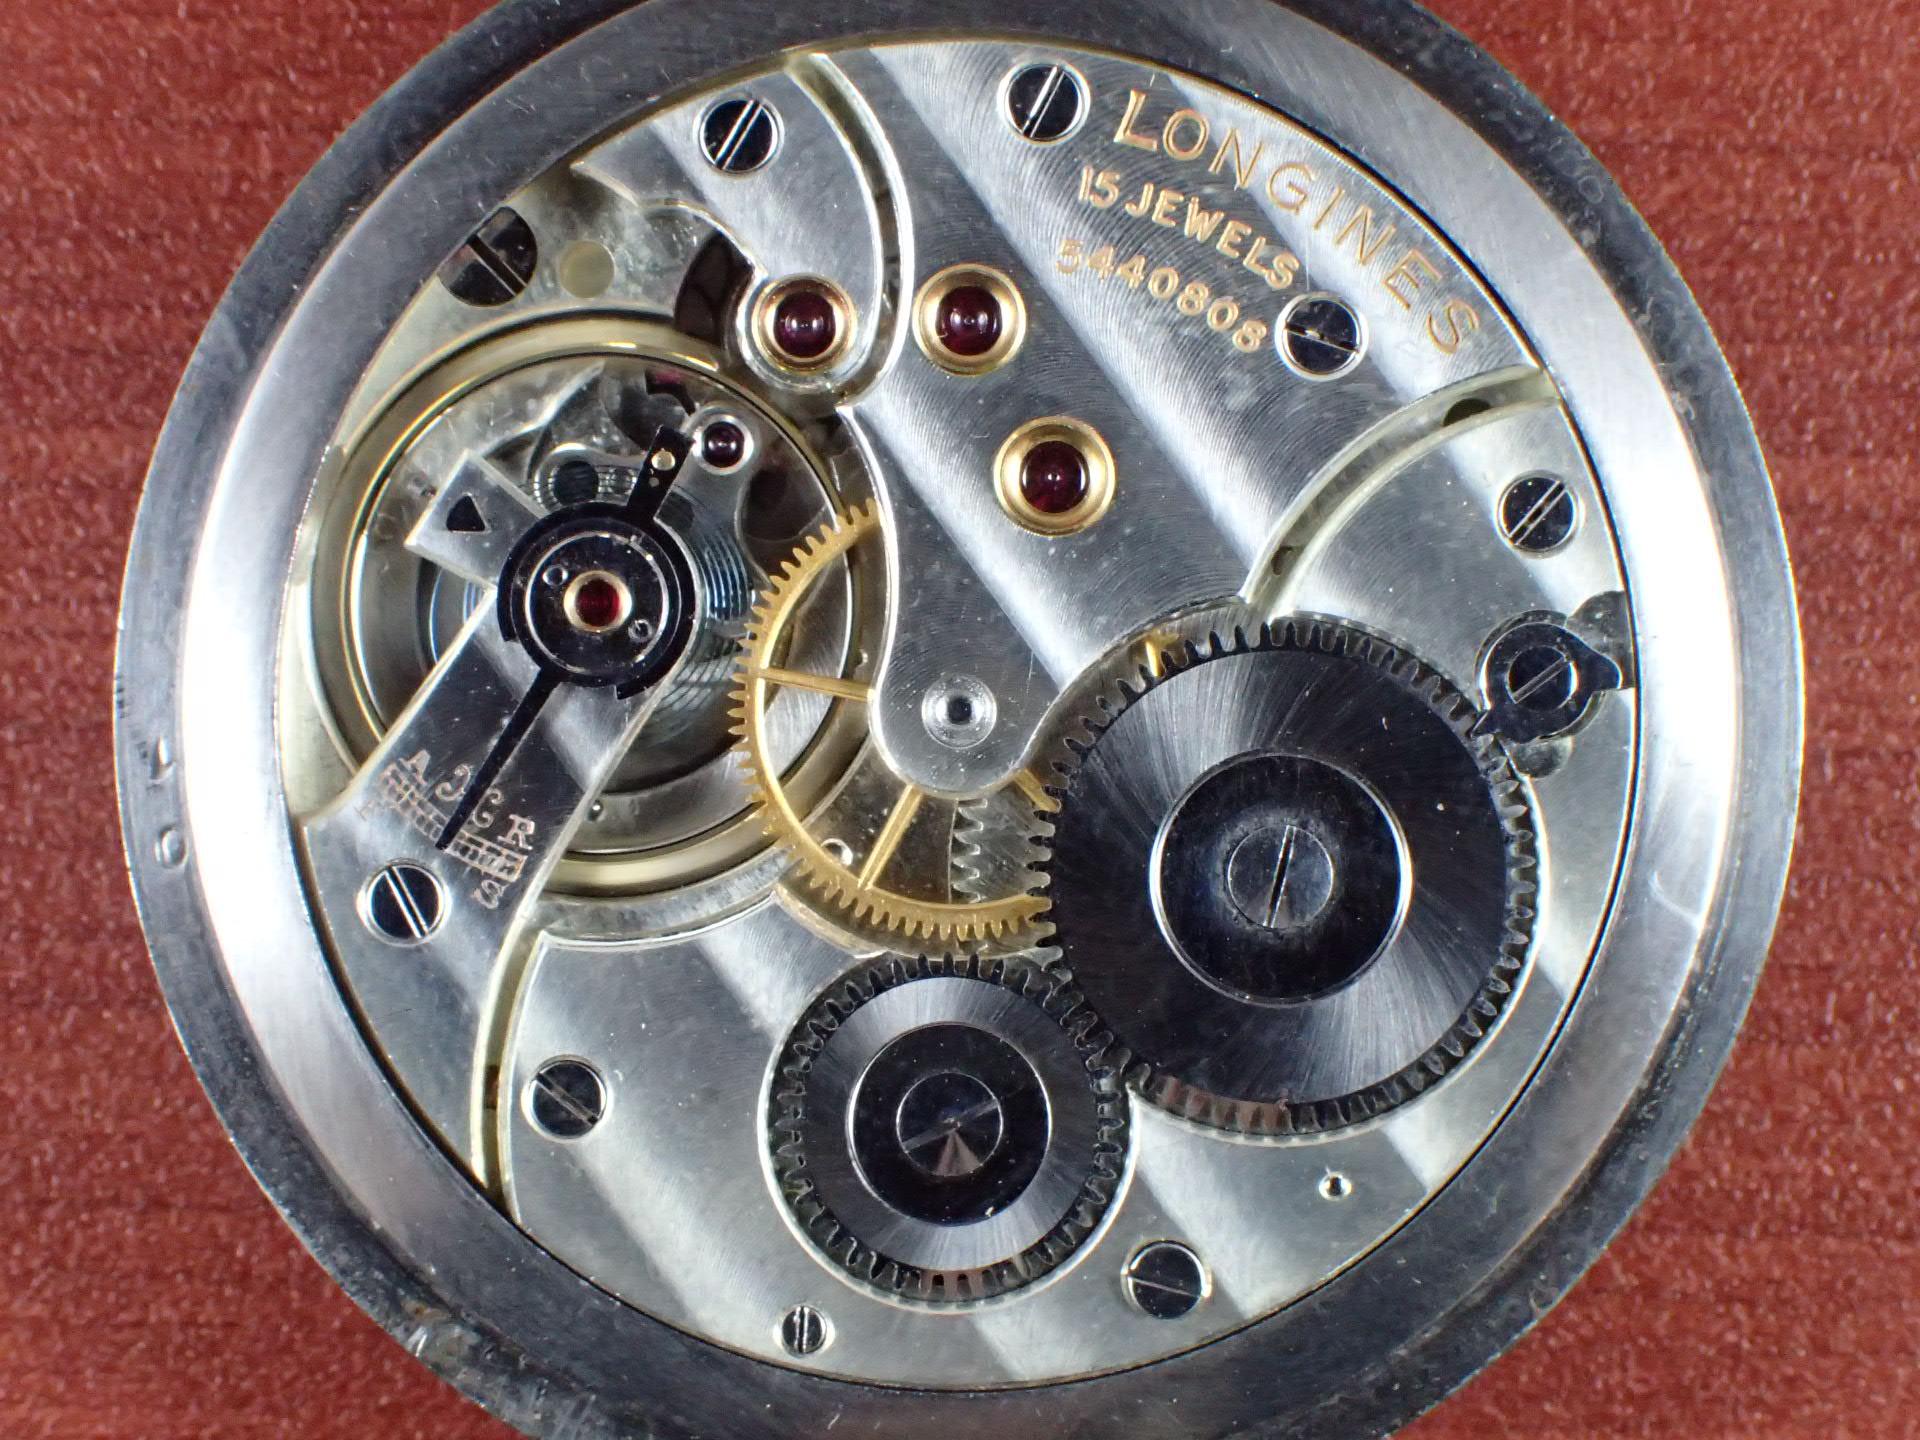 ロンジン ポケットウォッチ セクターダイアル 1930年代の写真5枚目